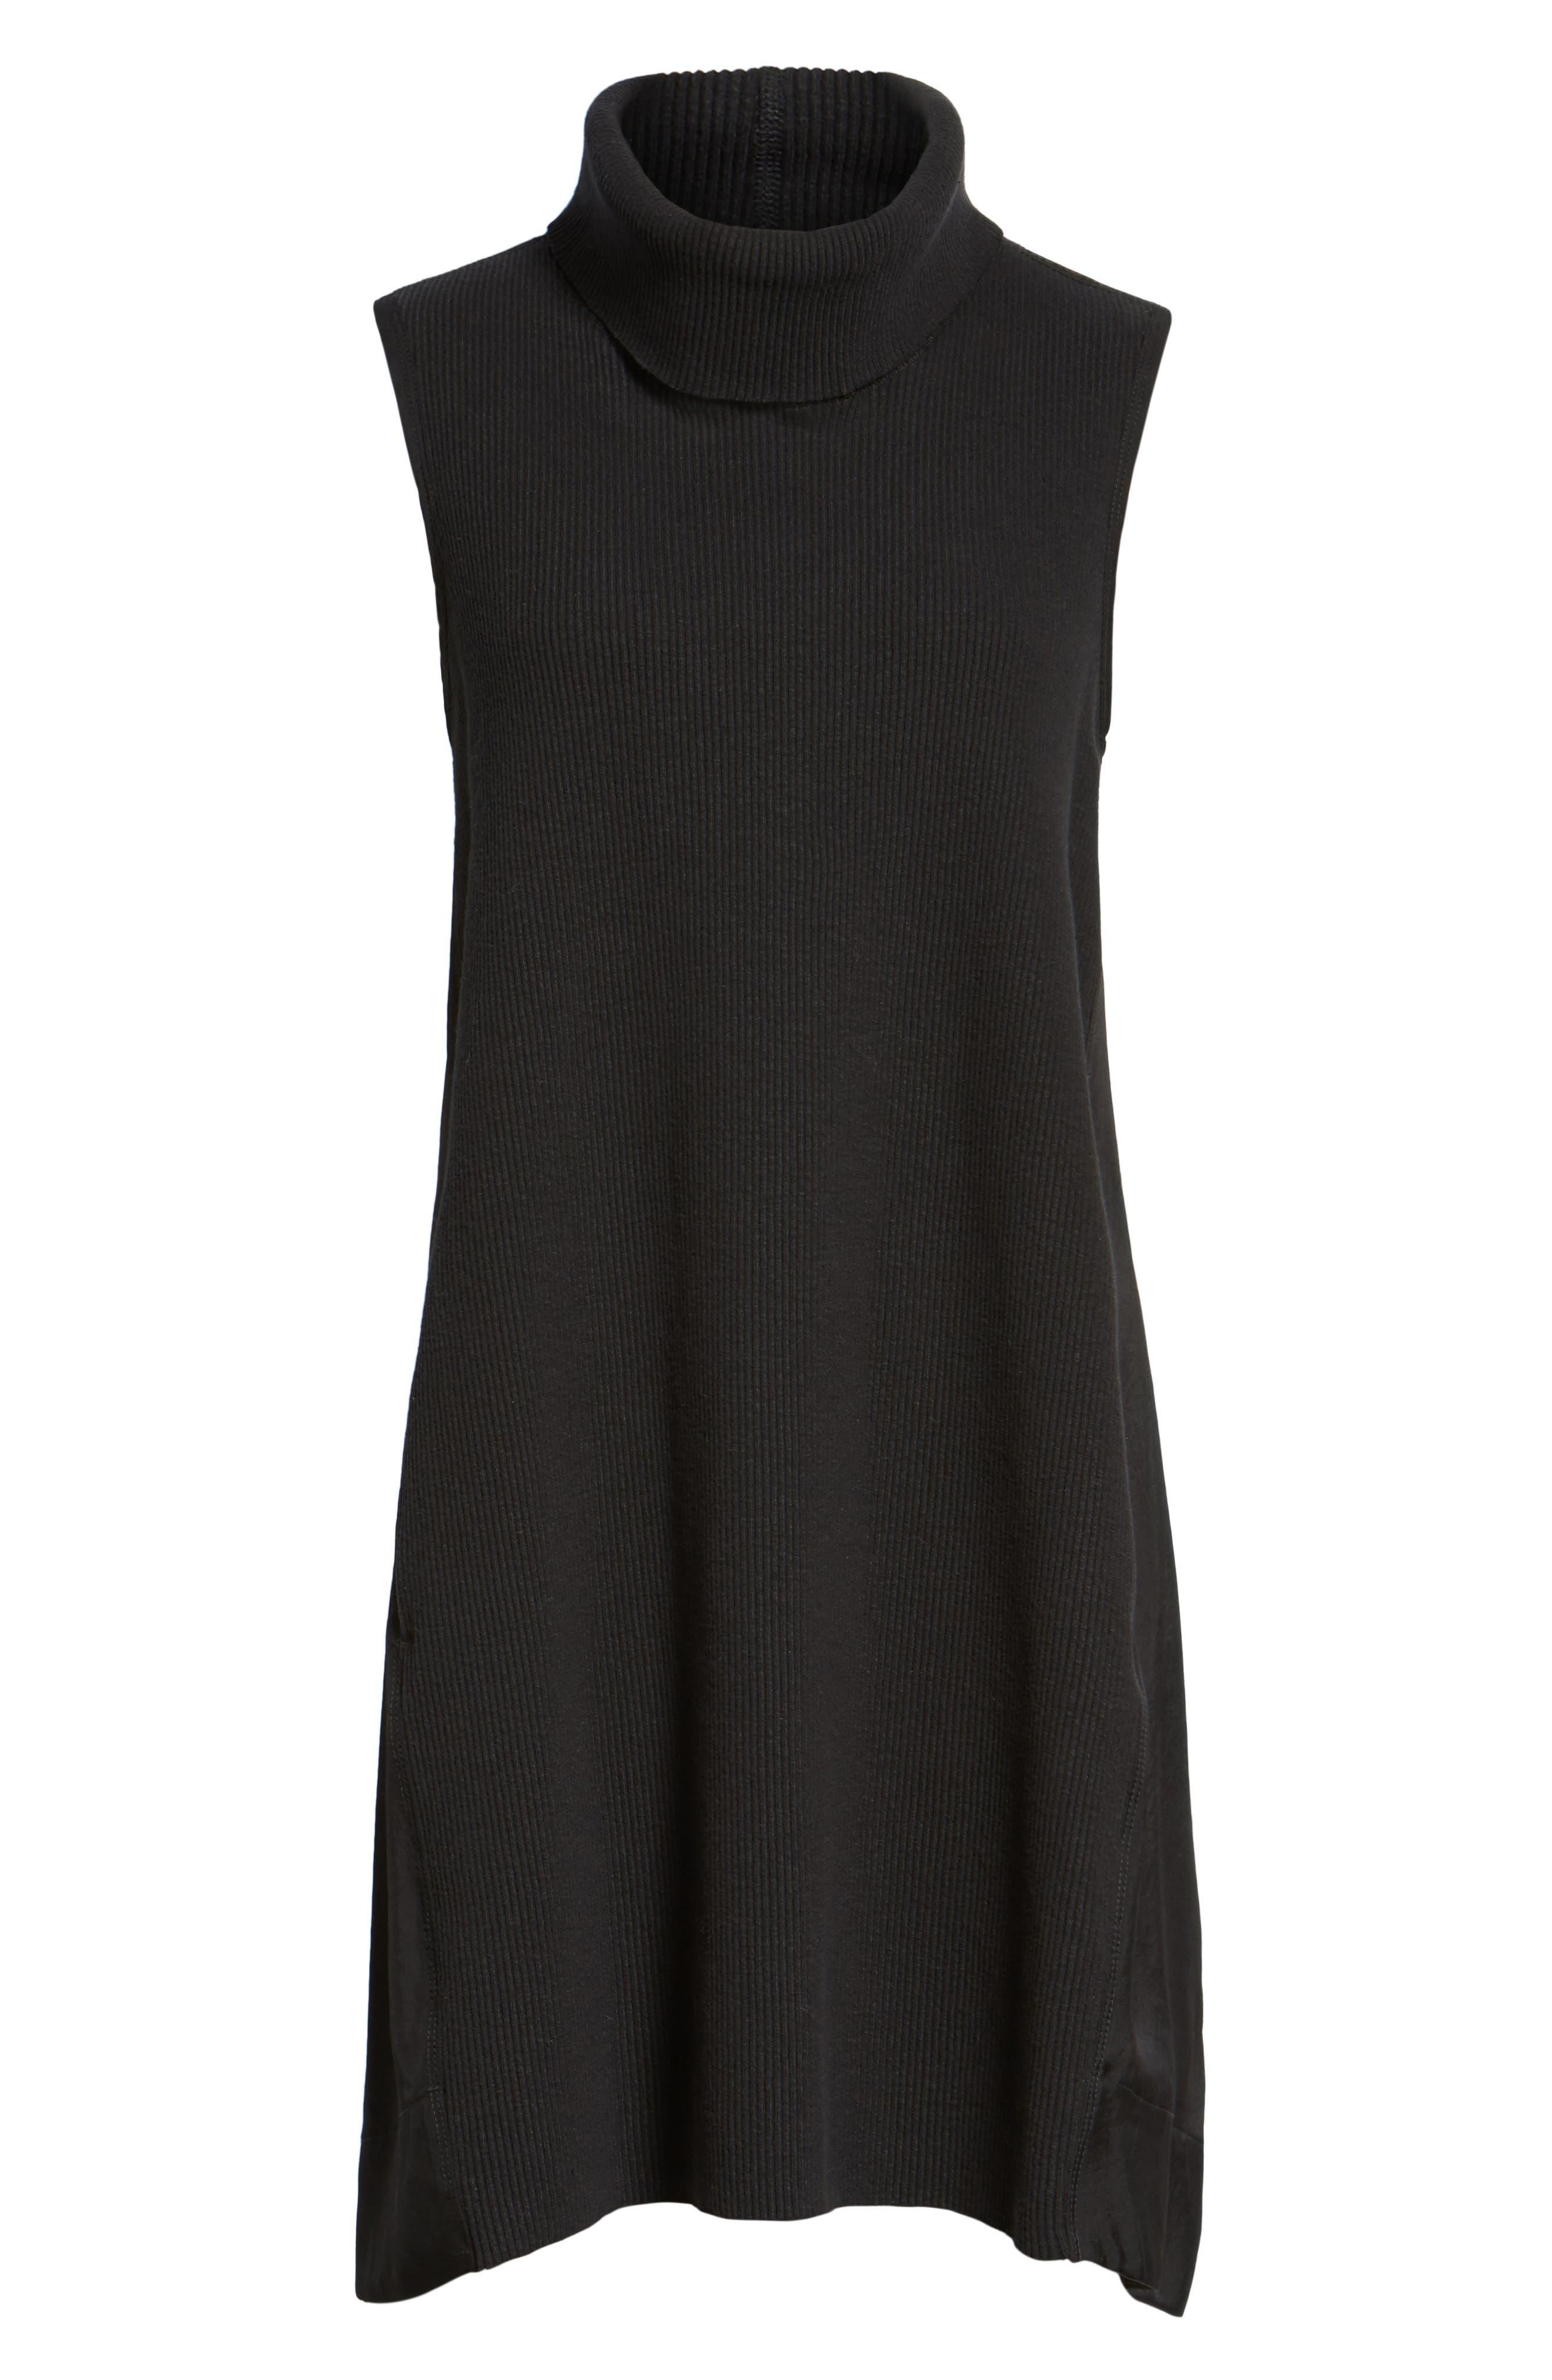 Mixed Media Turtleneck Shift Dress,                             Alternate thumbnail 6, color,                             Black